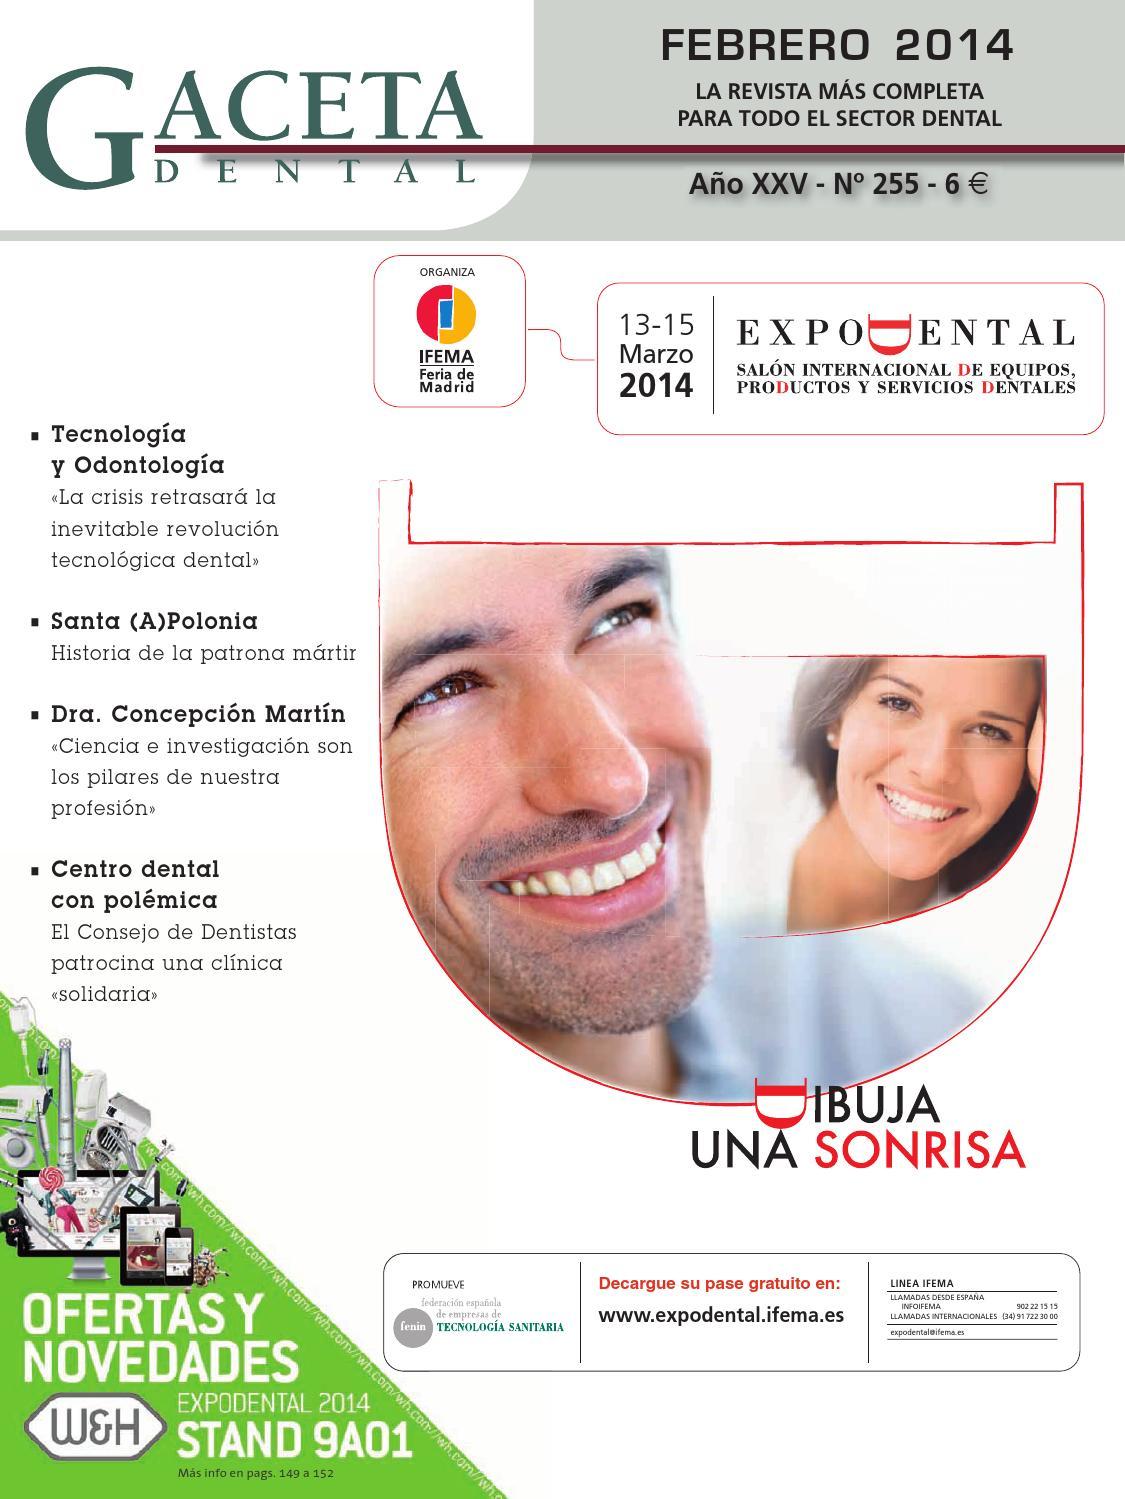 Gaceta Dental - 255 by Peldaño - issuu